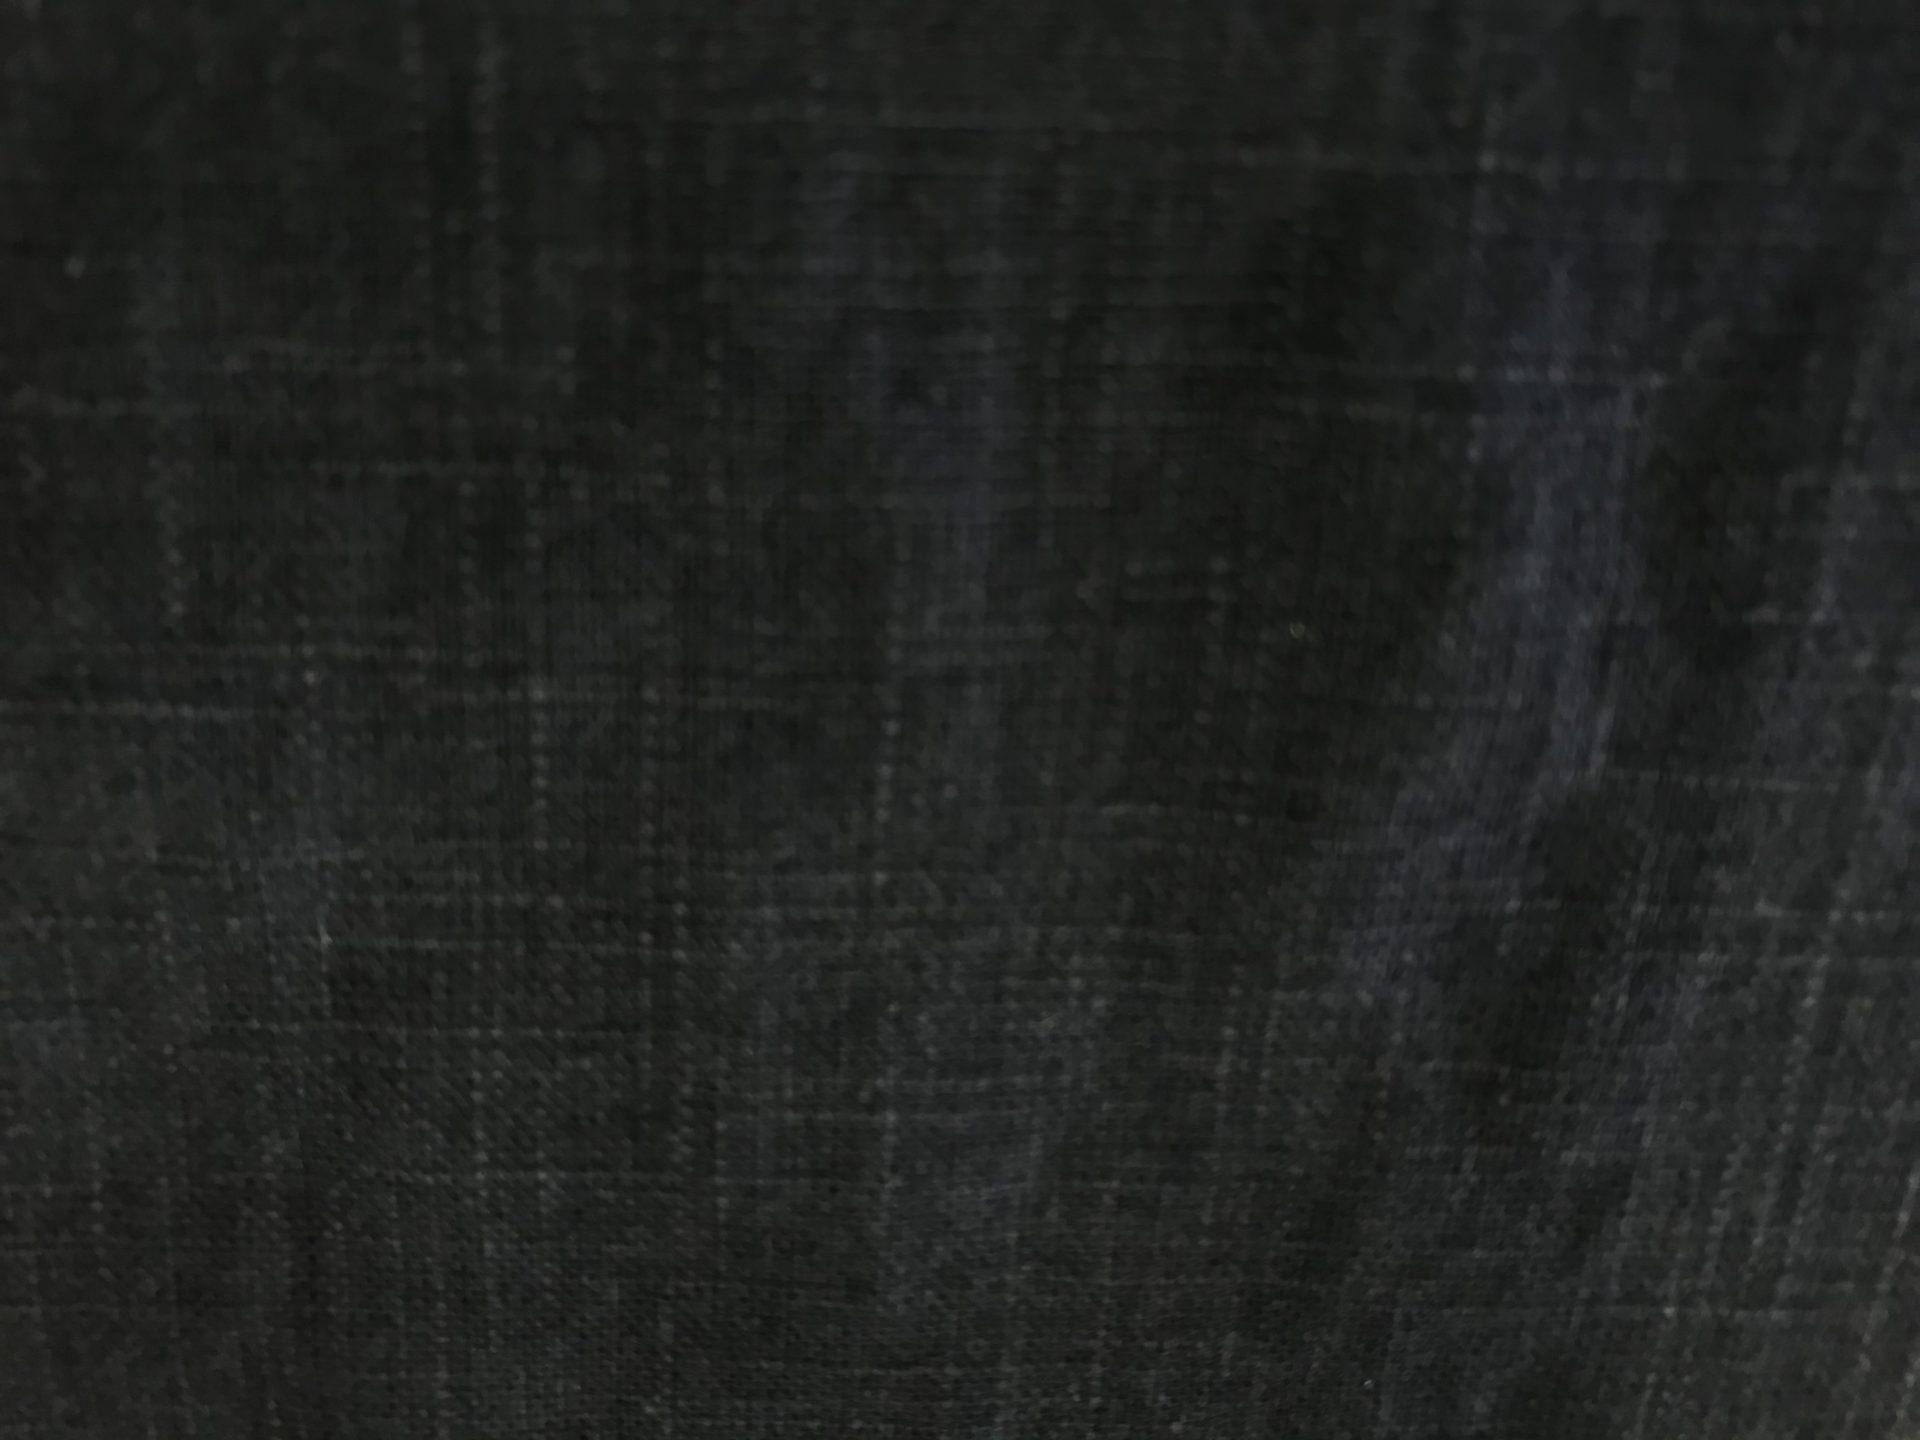 リネンカーテン濃紺